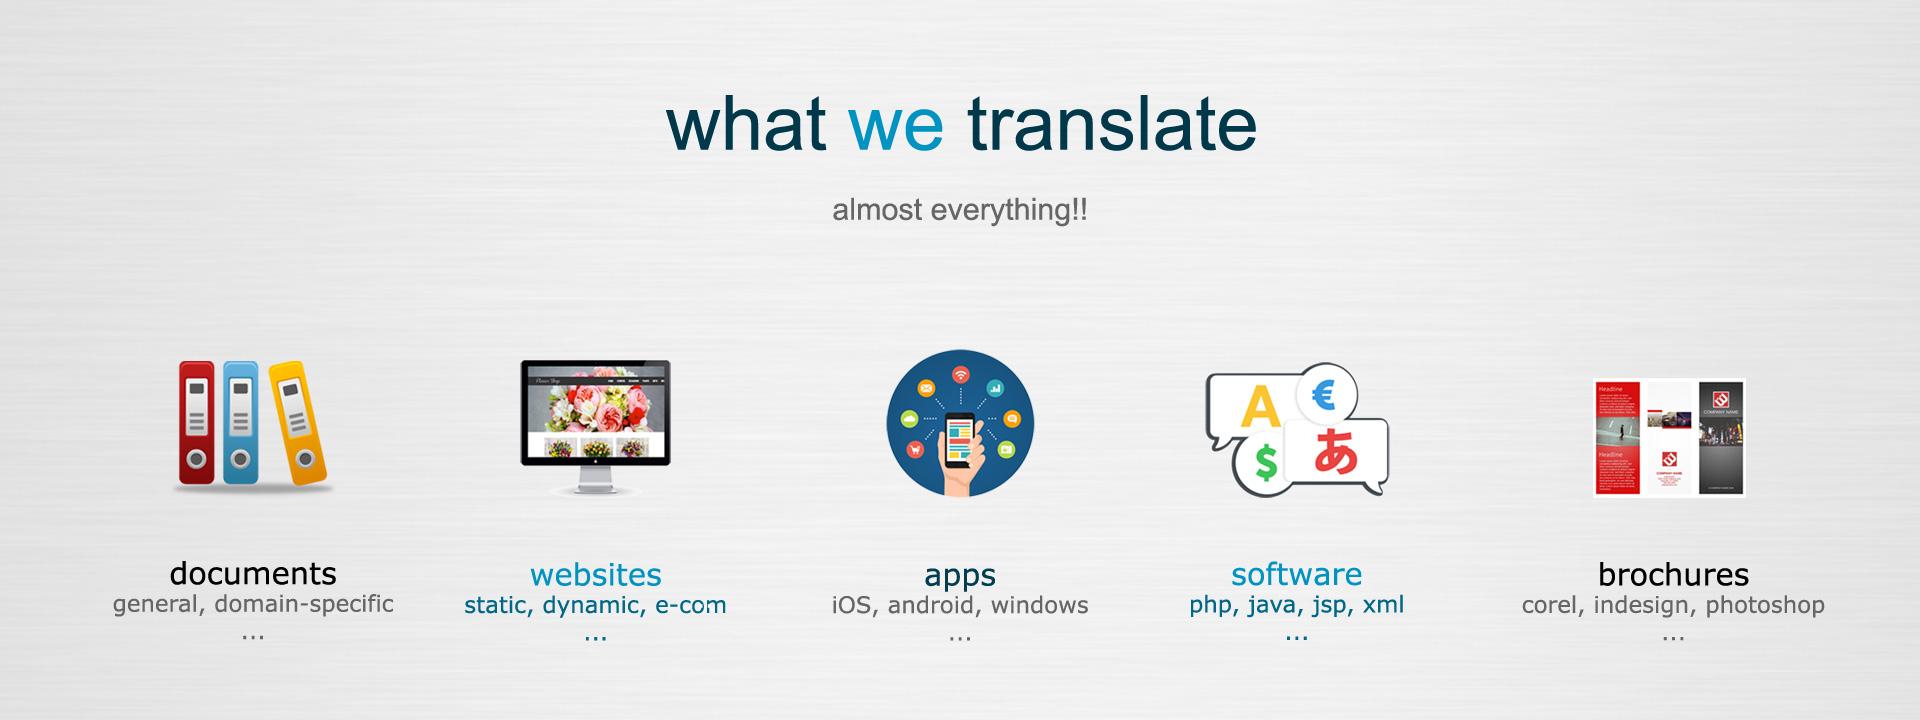 What we translate?